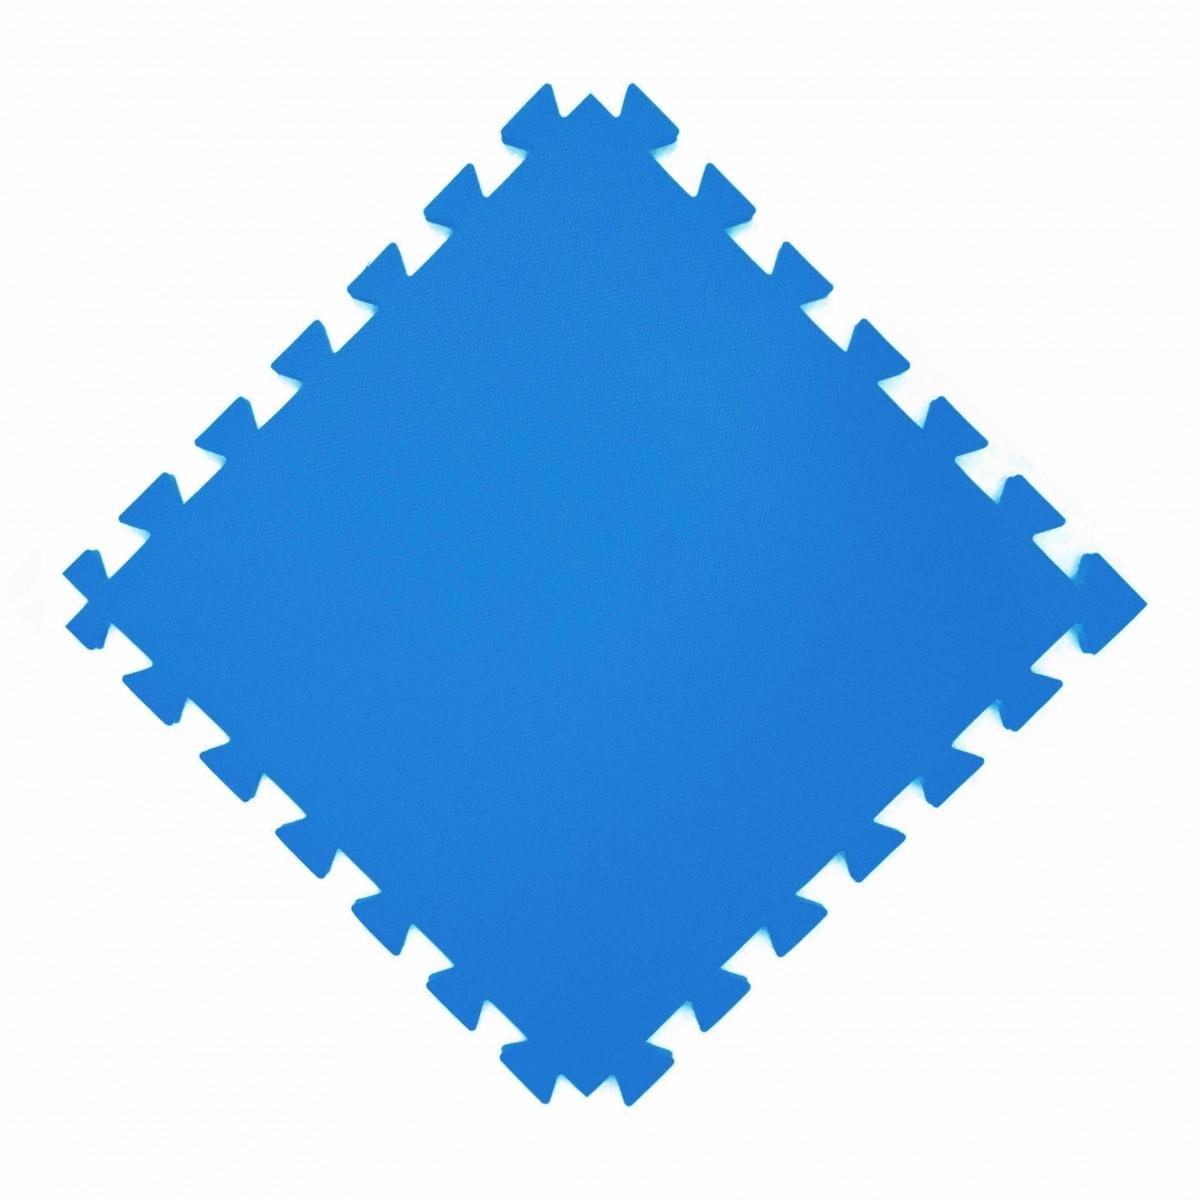 Tatame  100x100cm Com 10mm de Espessura  Azul Royal  - Brindes Visão loja